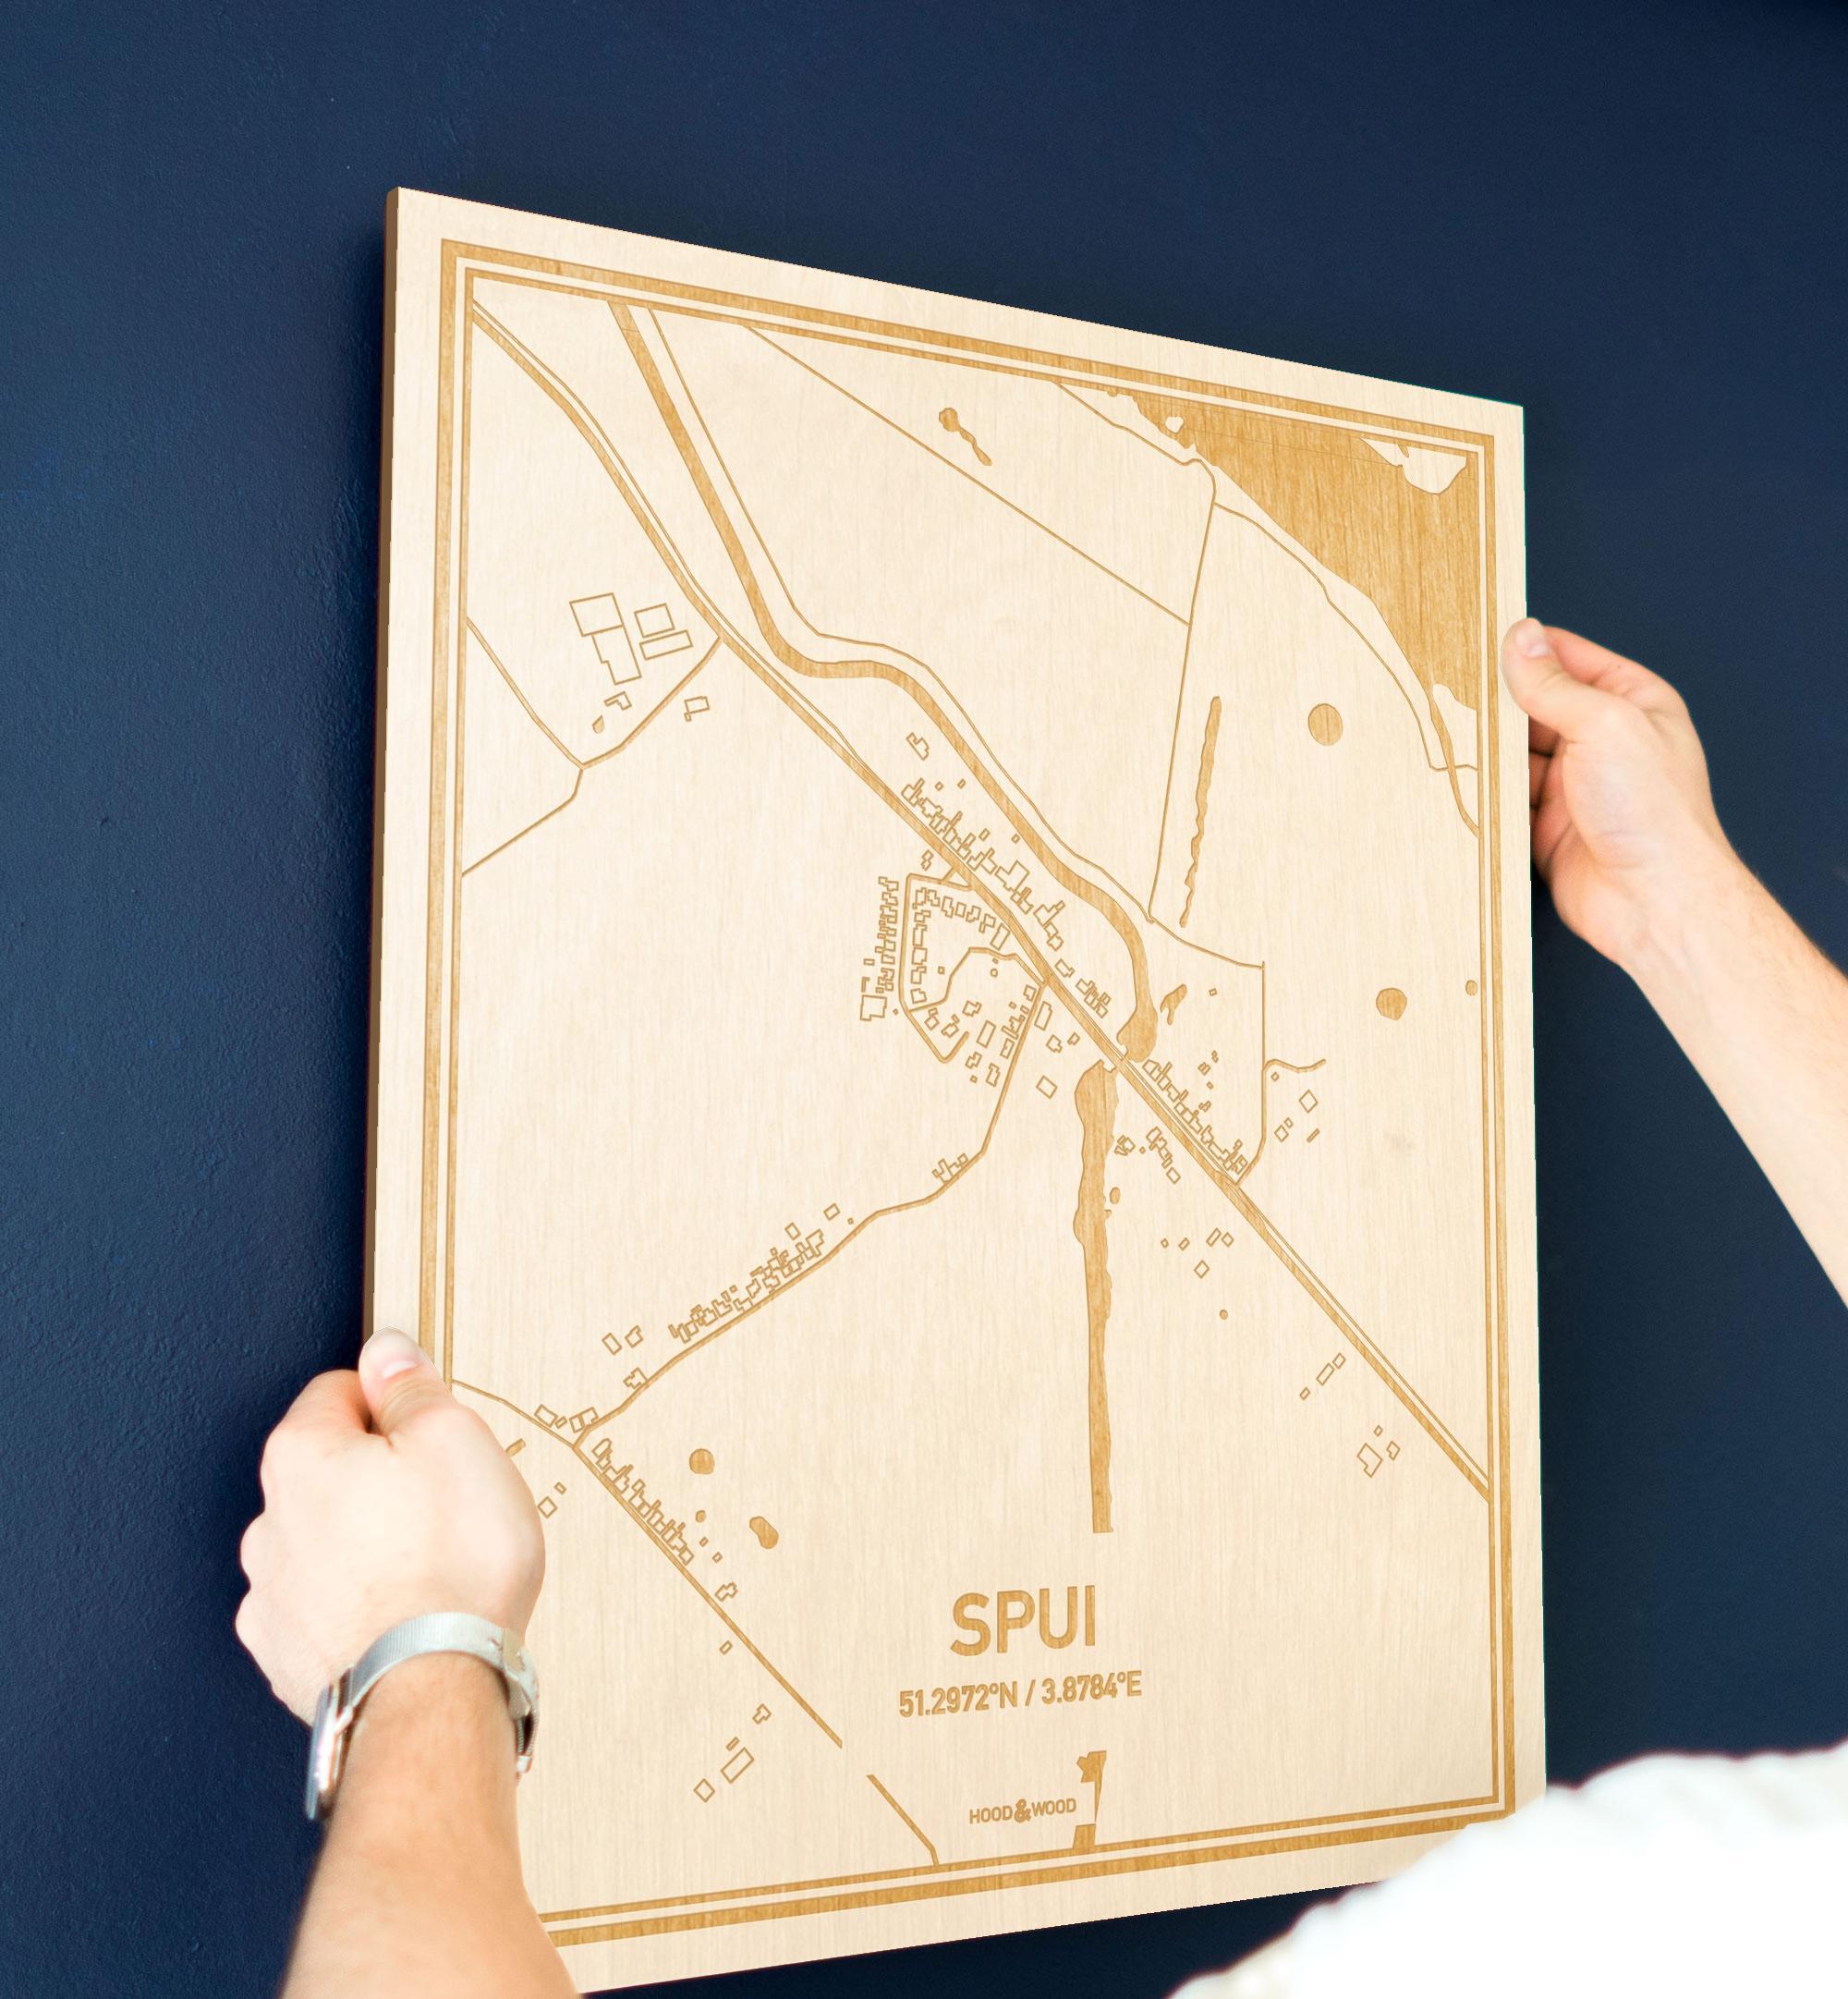 Een man hangt de houten plattegrond Spui aan zijn blauwe muur ter decoratie. Je ziet alleen zijn handen de kaart van deze originele in Zeeland vasthouden.